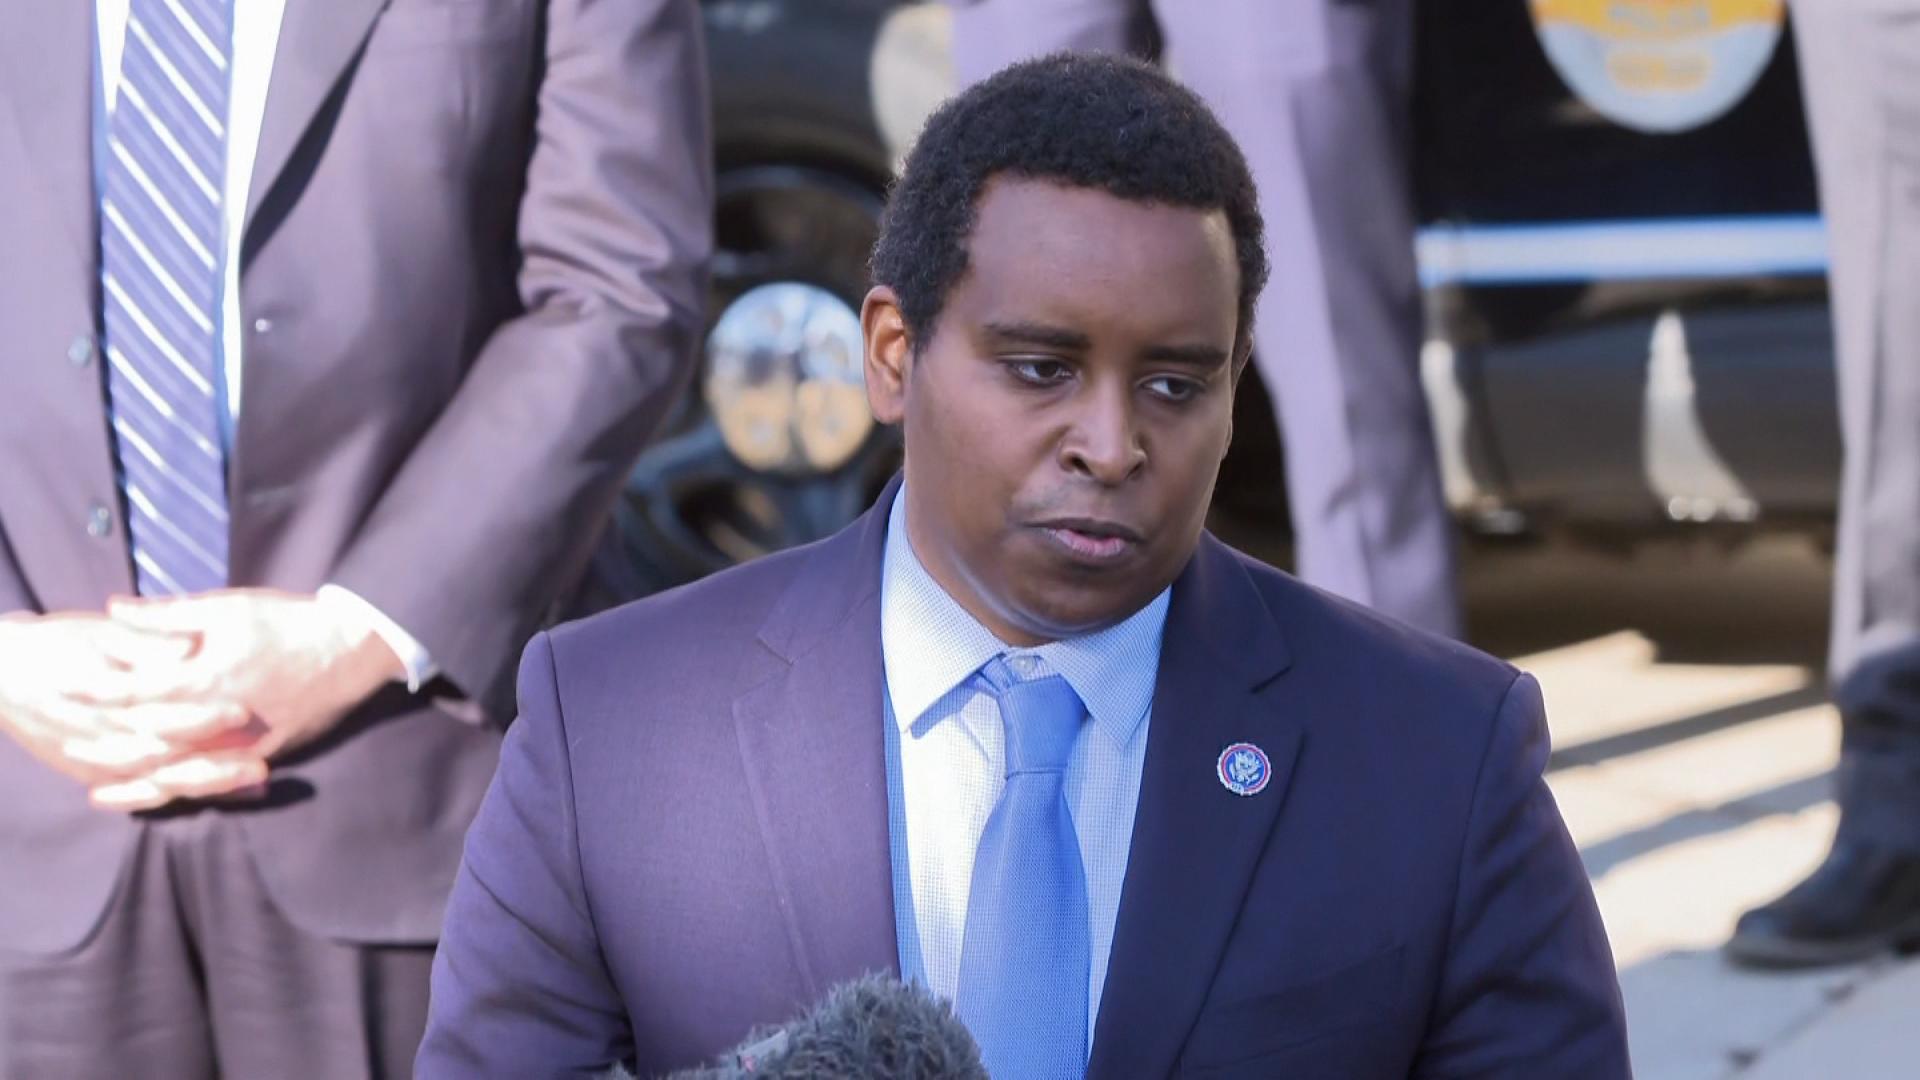 Rep. Joe Neguse, Democrat from Colorado, speaks during a press conference in Boulder, Colorado, on March 23.